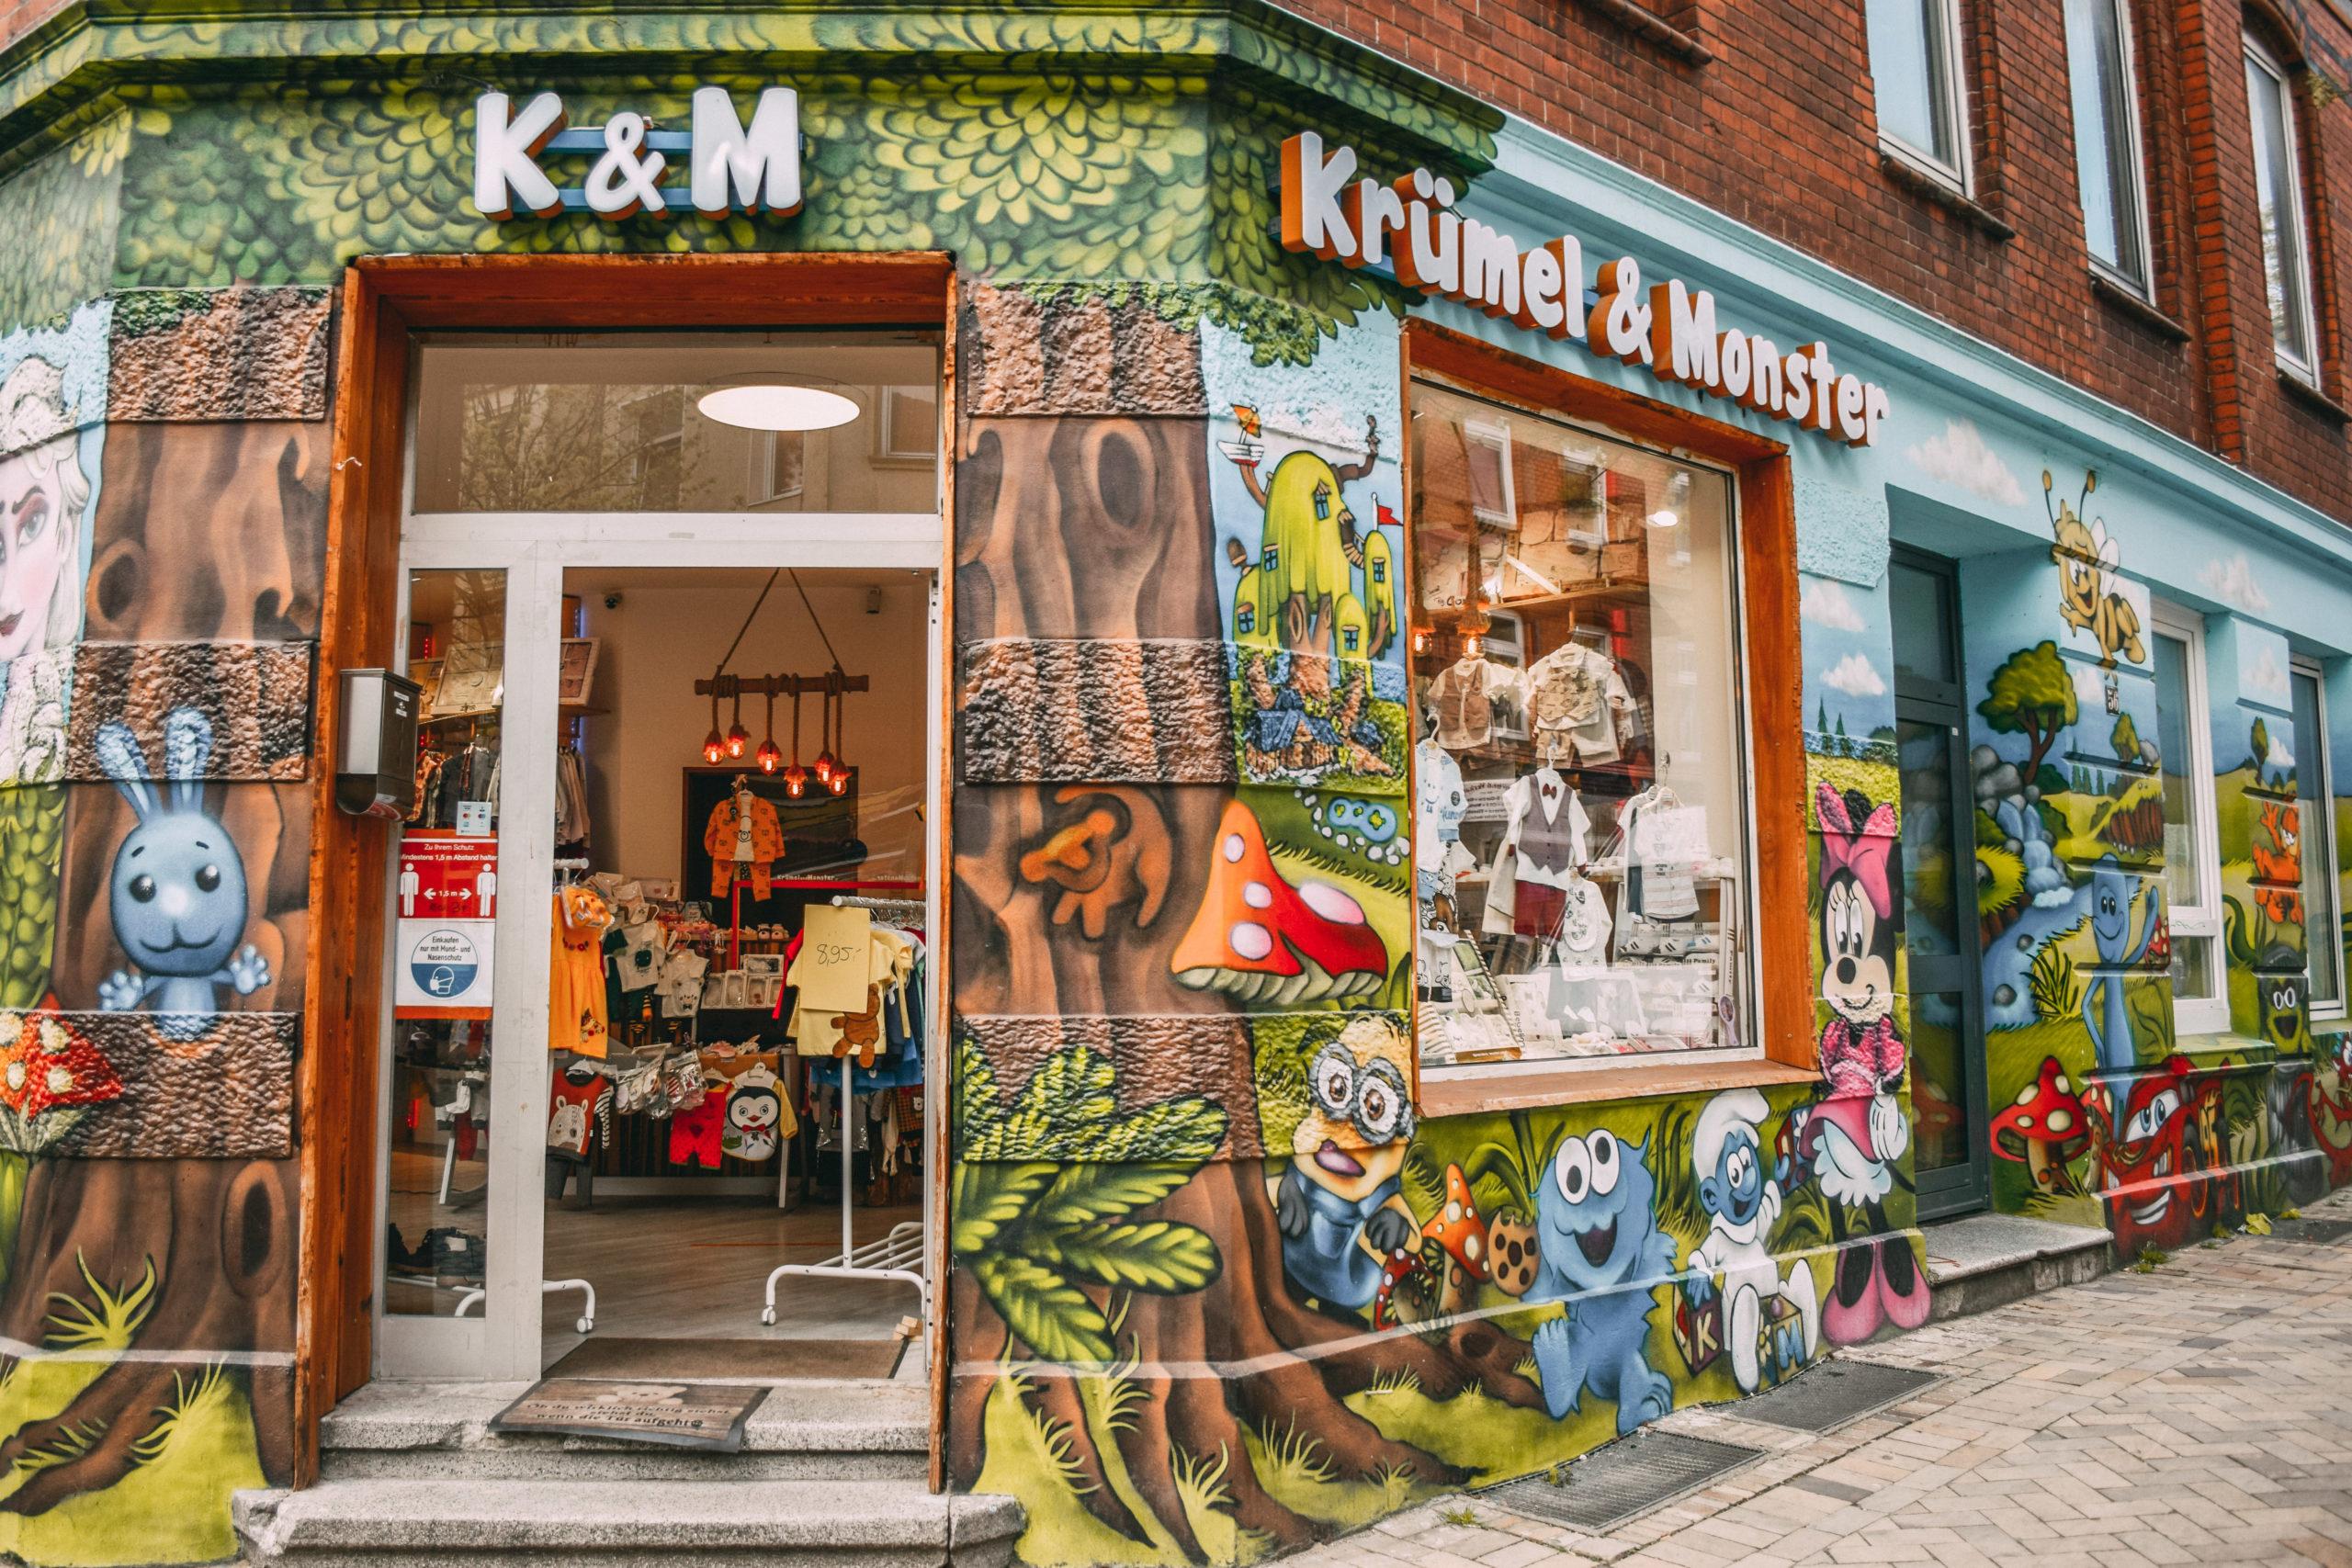 Kinderladen Krümel & Monster